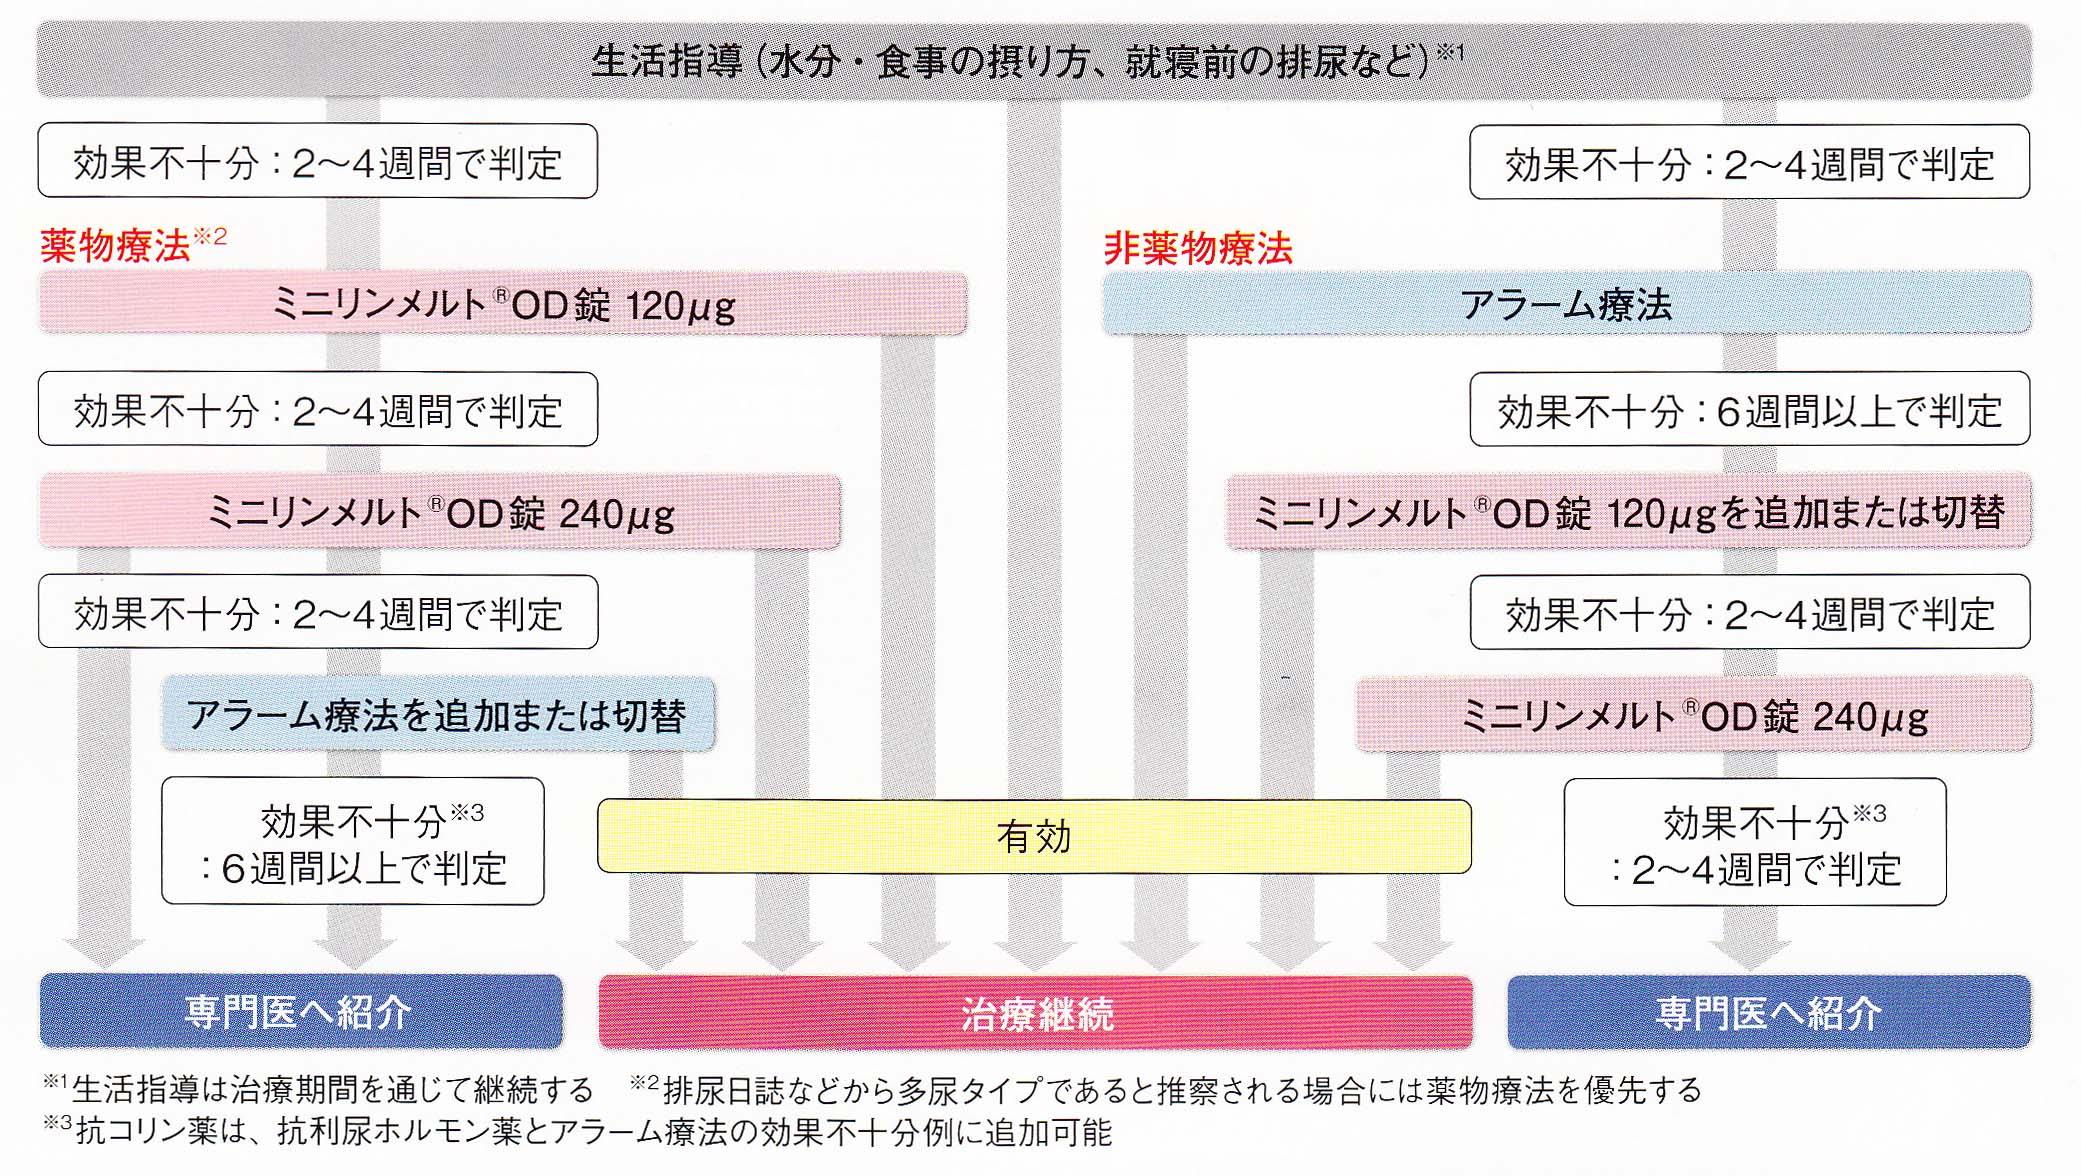 IMG_0001 のコピー 2